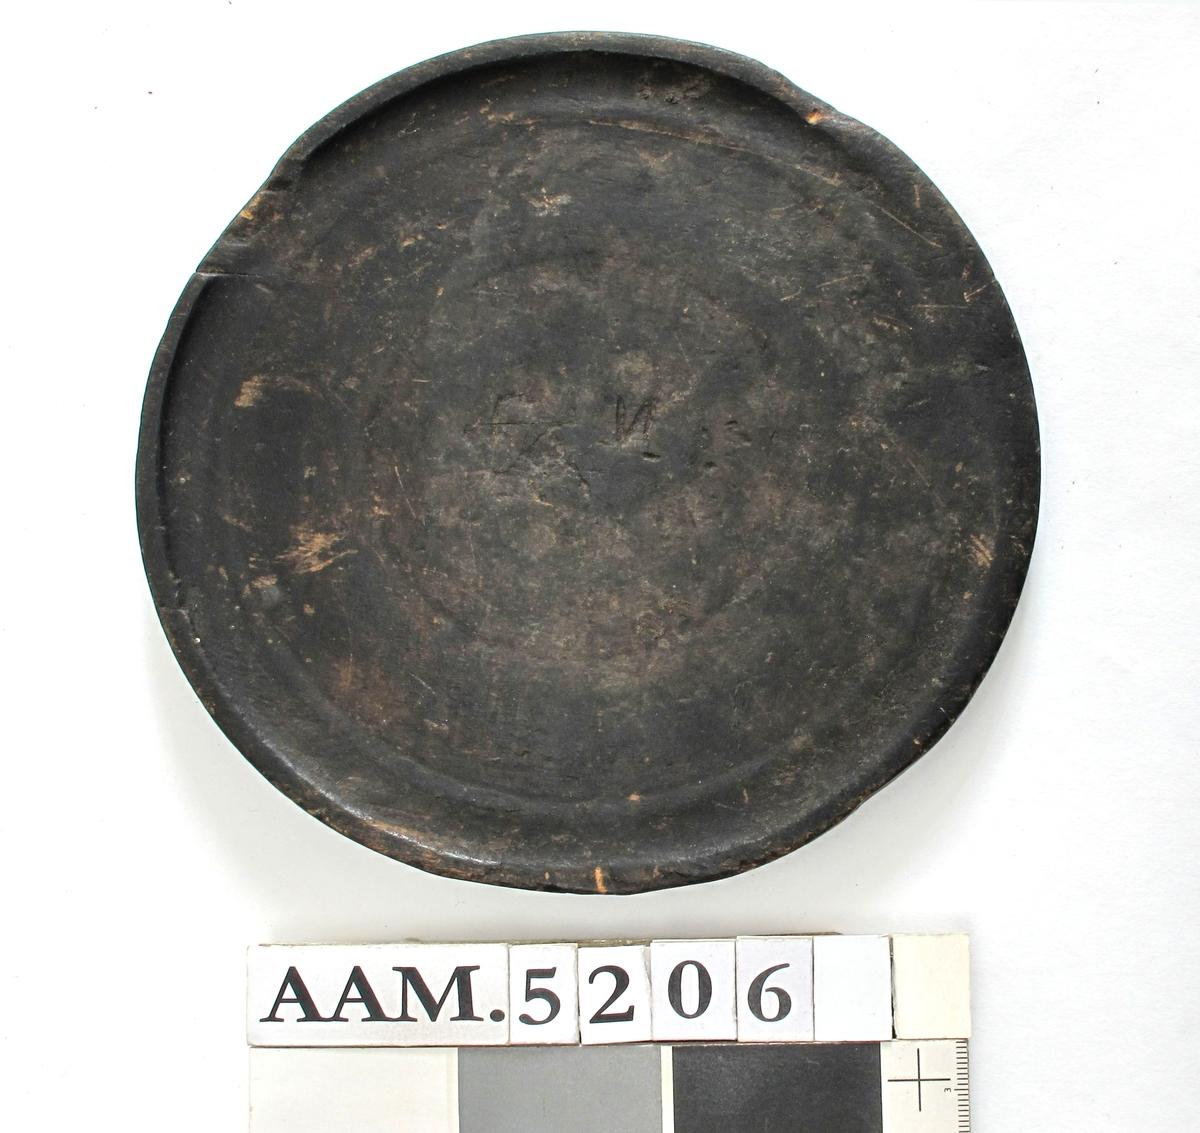 """Furu.  Flat rund tallerken med to dreieringer og en svakt opphøyd karm, som  delvis  er avslitt. Sorte (brukt i røykstove). Like på begge sider.  På den ene side risset inn   X  med kniv, på den annen side: """" Tilstand: avslitt i kanten"""